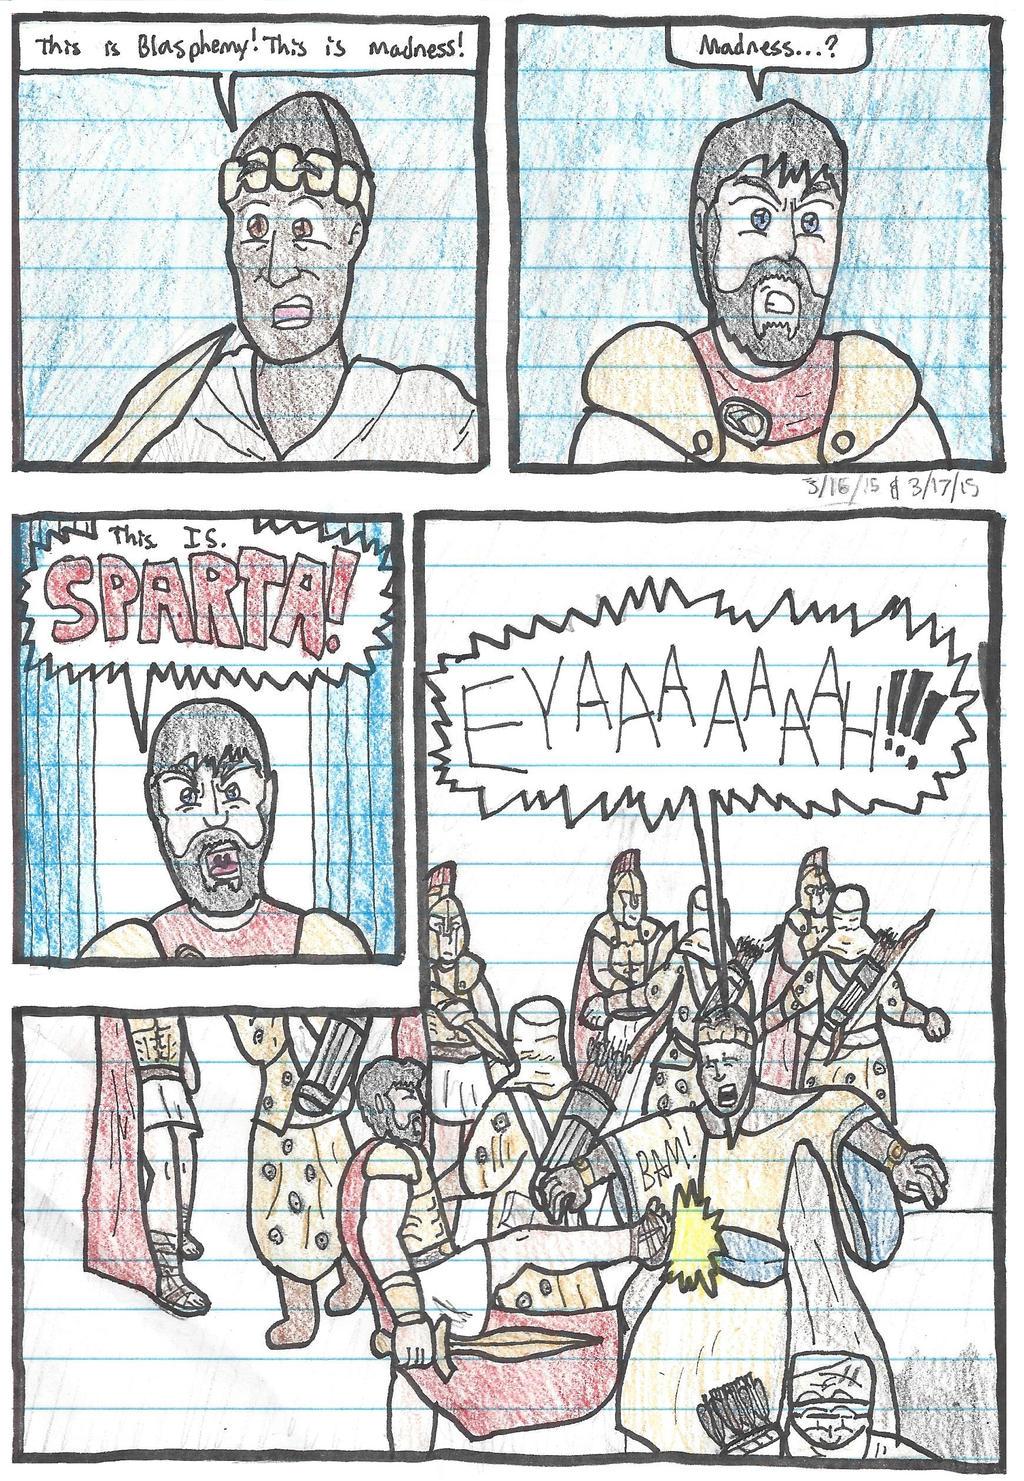 spartan kick wallpaper - photo #34